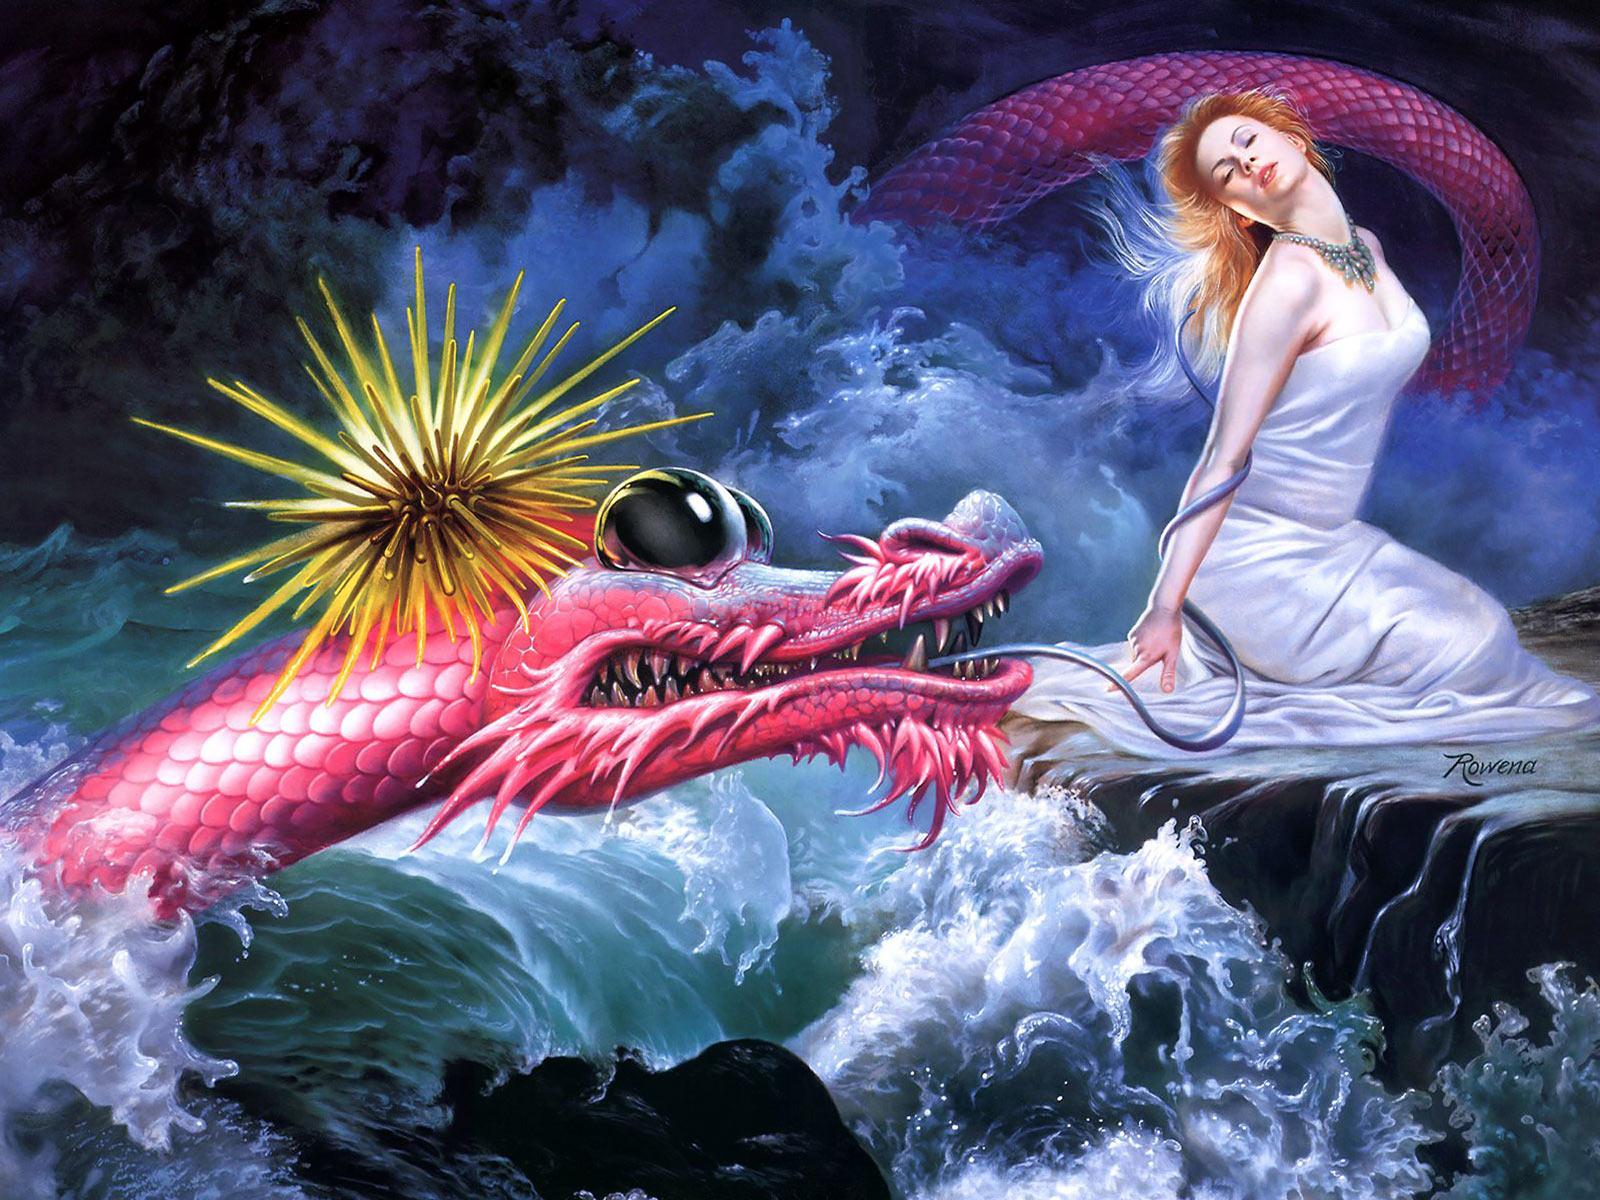 dragon wallpaper 1600x1200 - photo #17